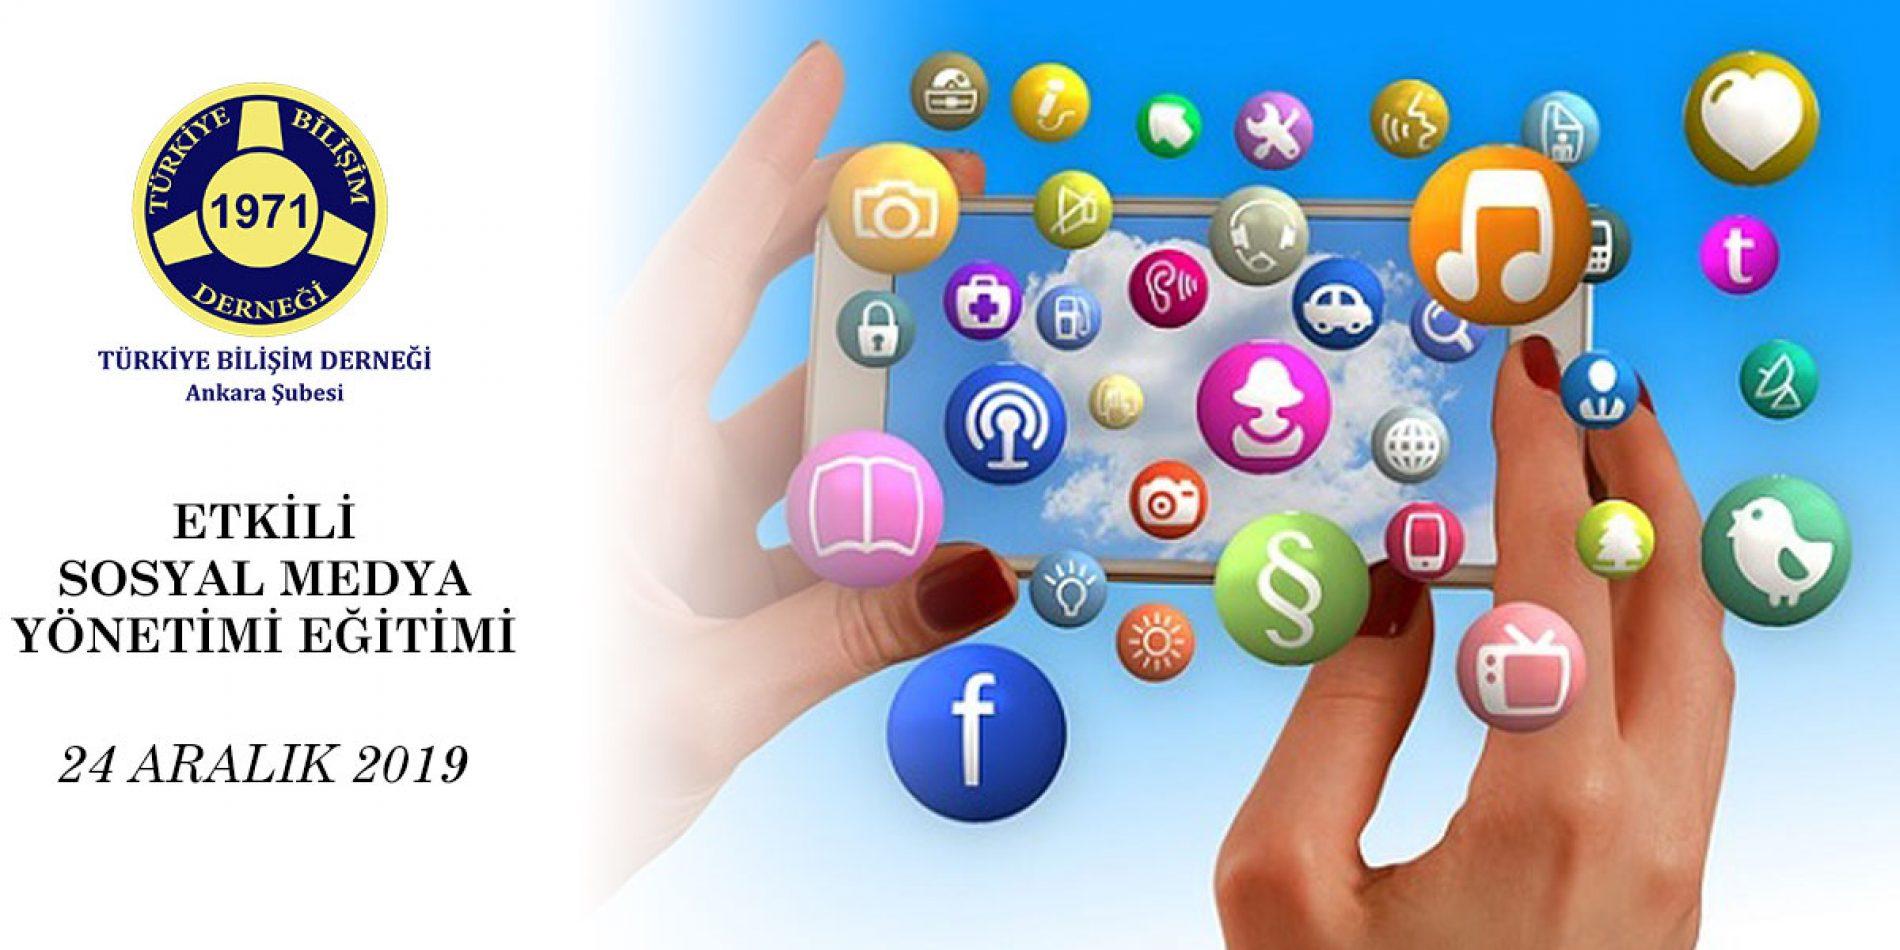 Etkili Sosyal Medya Yönetimi Eğitimi